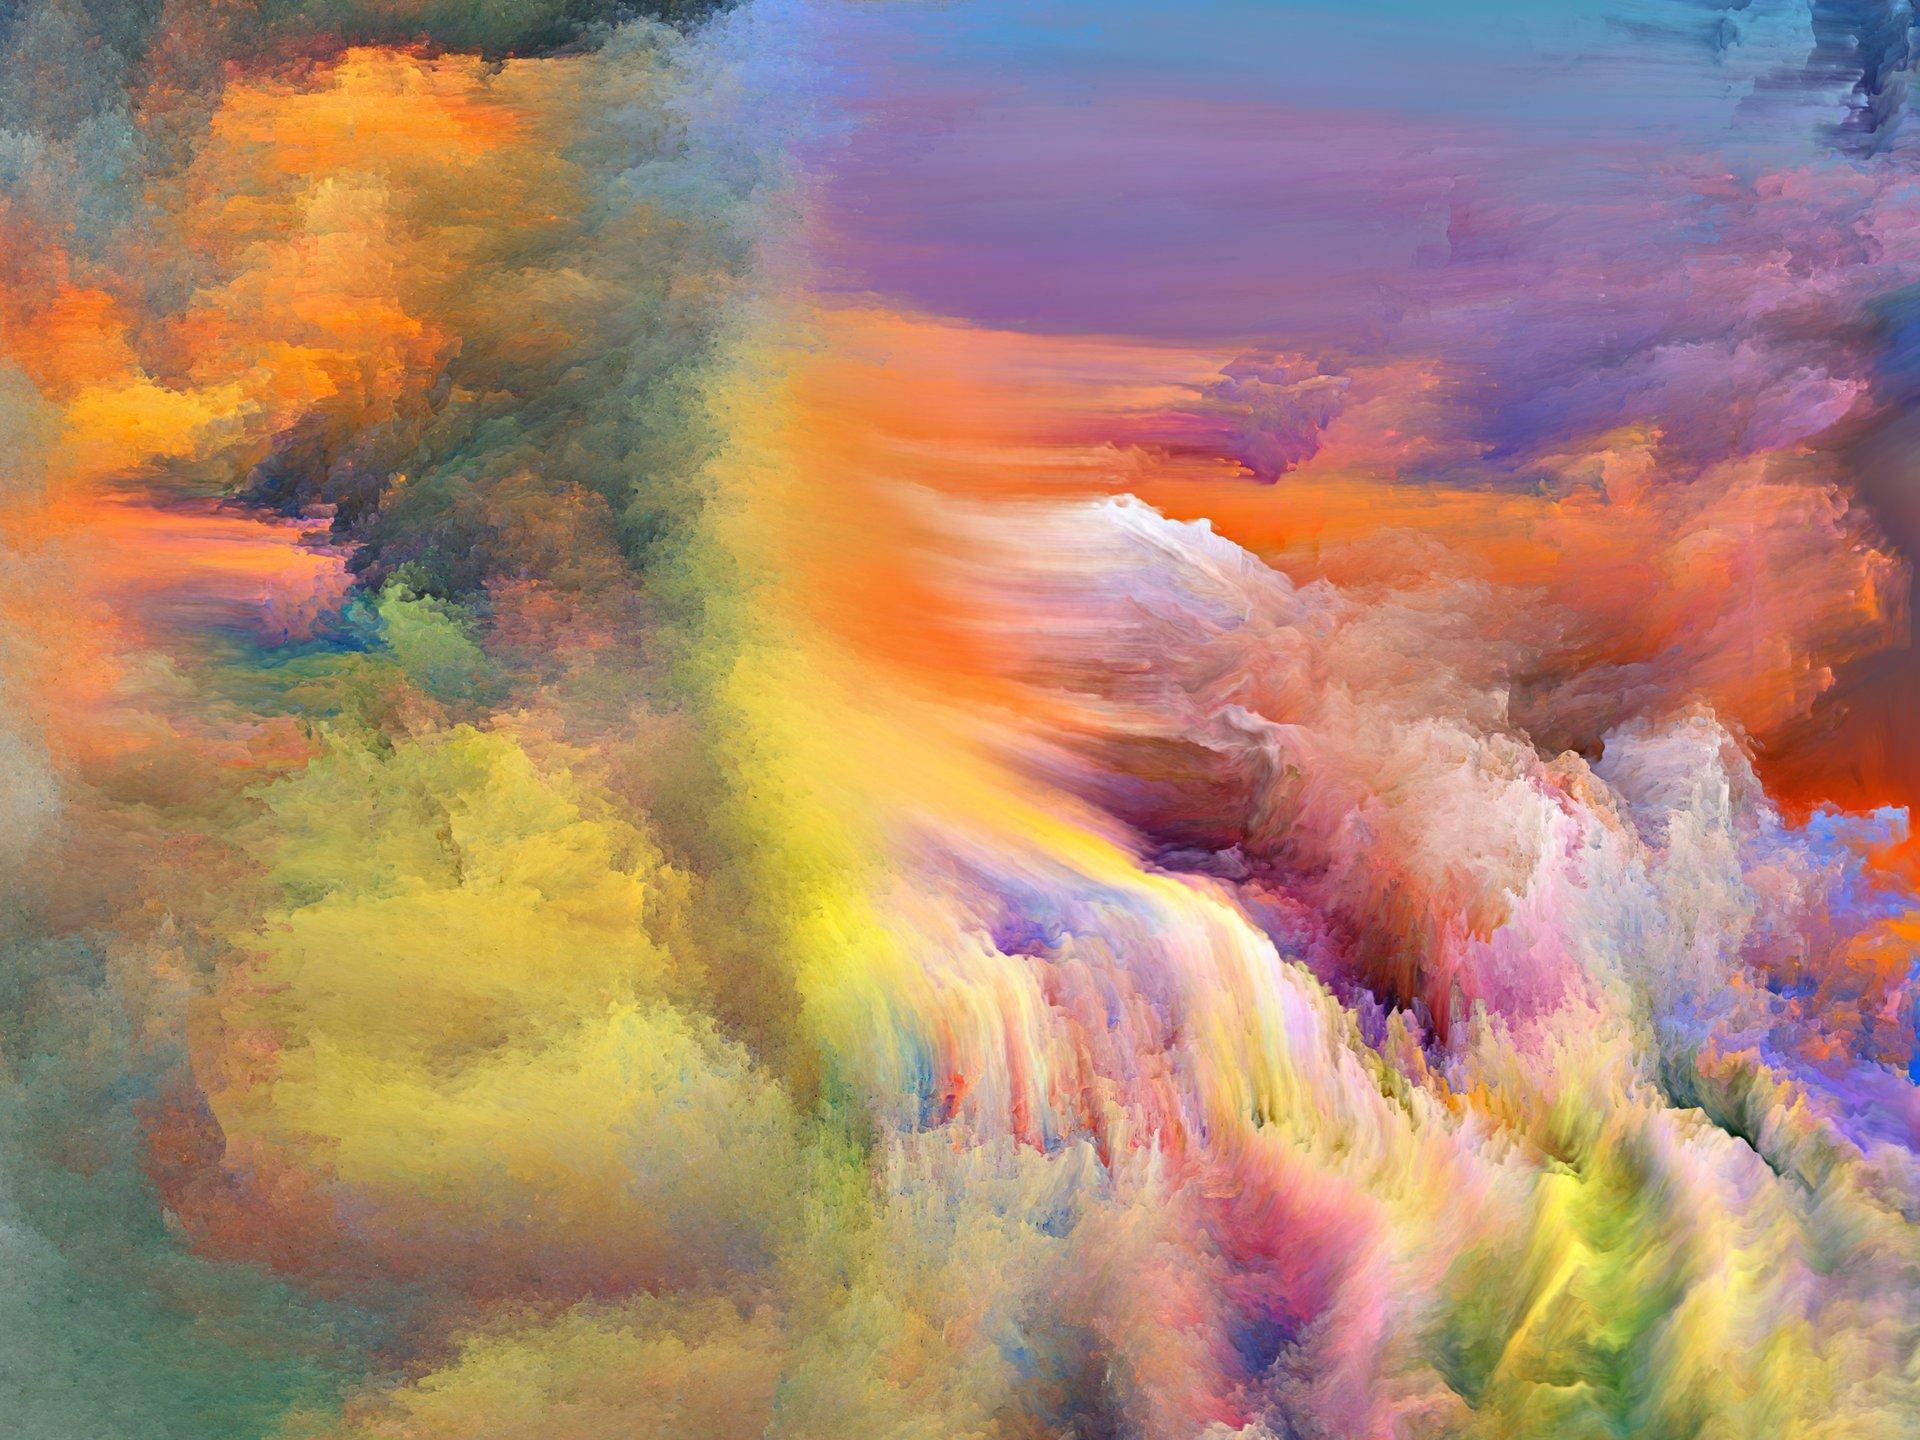 Обои свет, дым, Пятна, краски, яркость. Абстракции foto 7